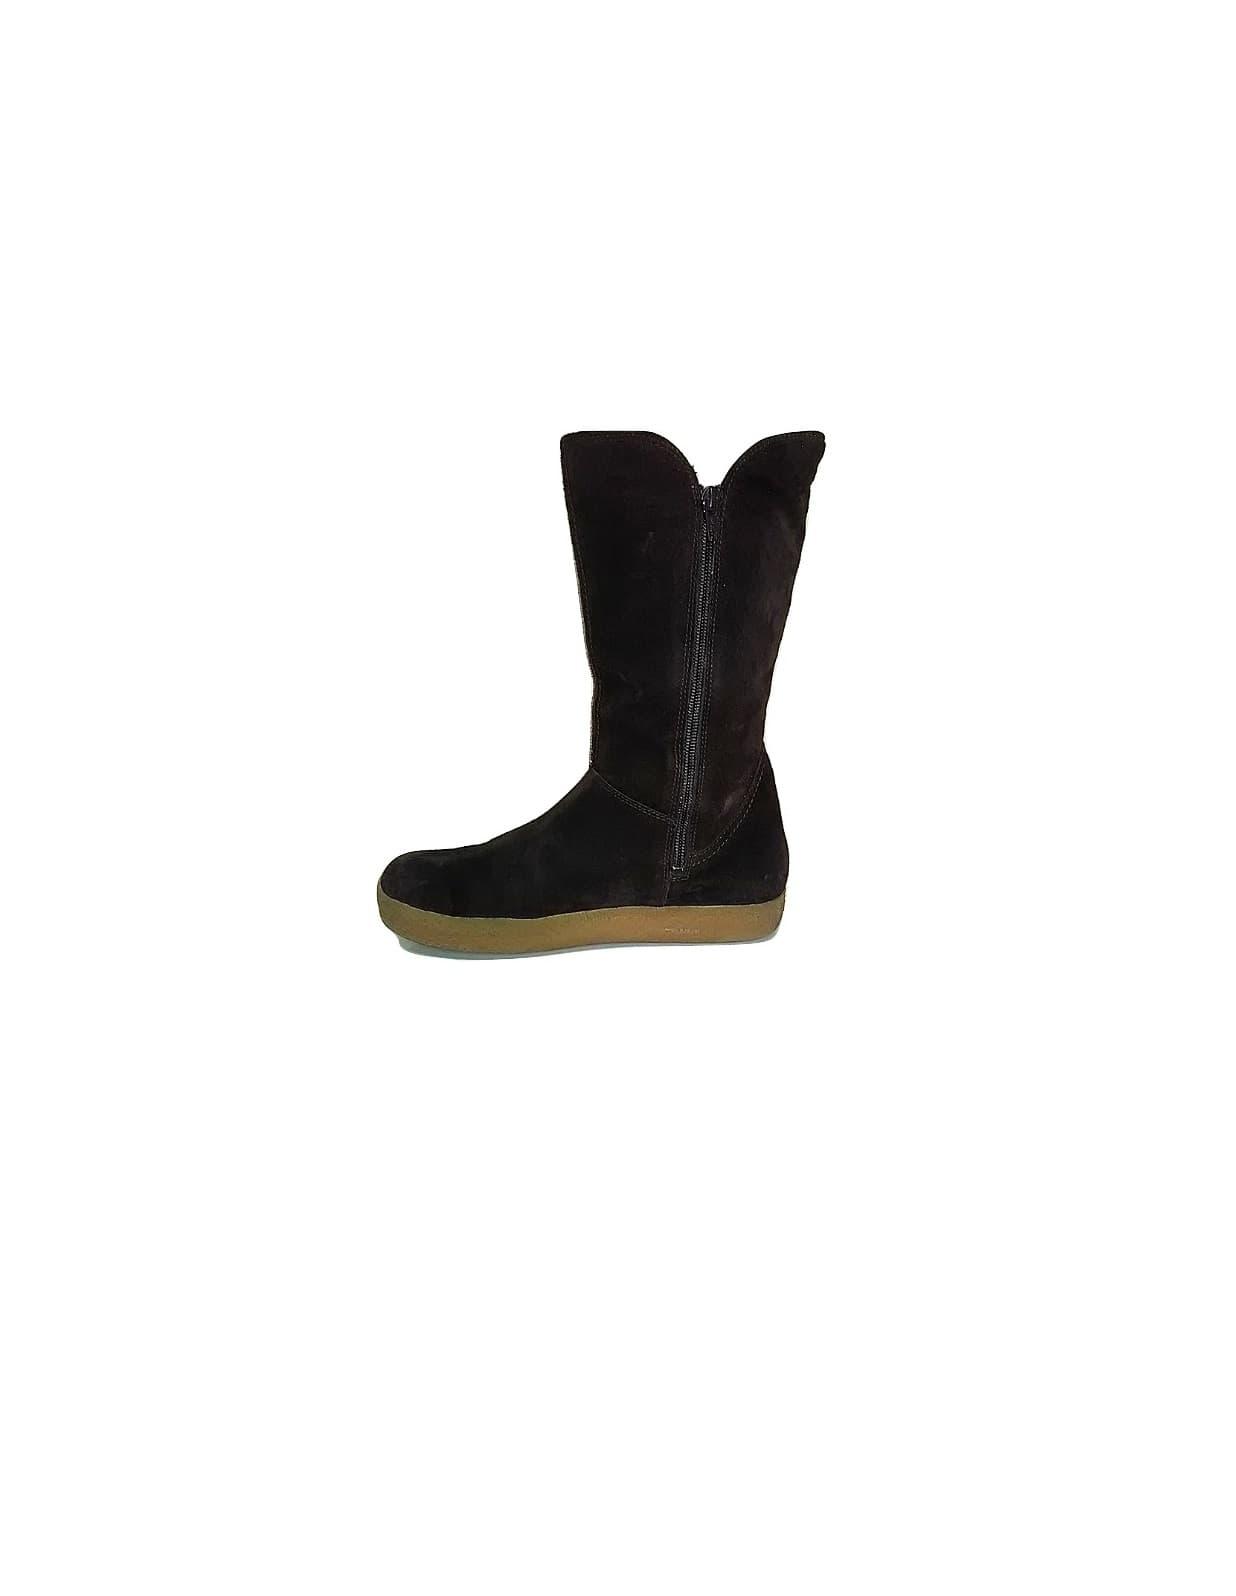 Moteriški zomsiniai šilti batai, GORE-TEX, 39 dydis